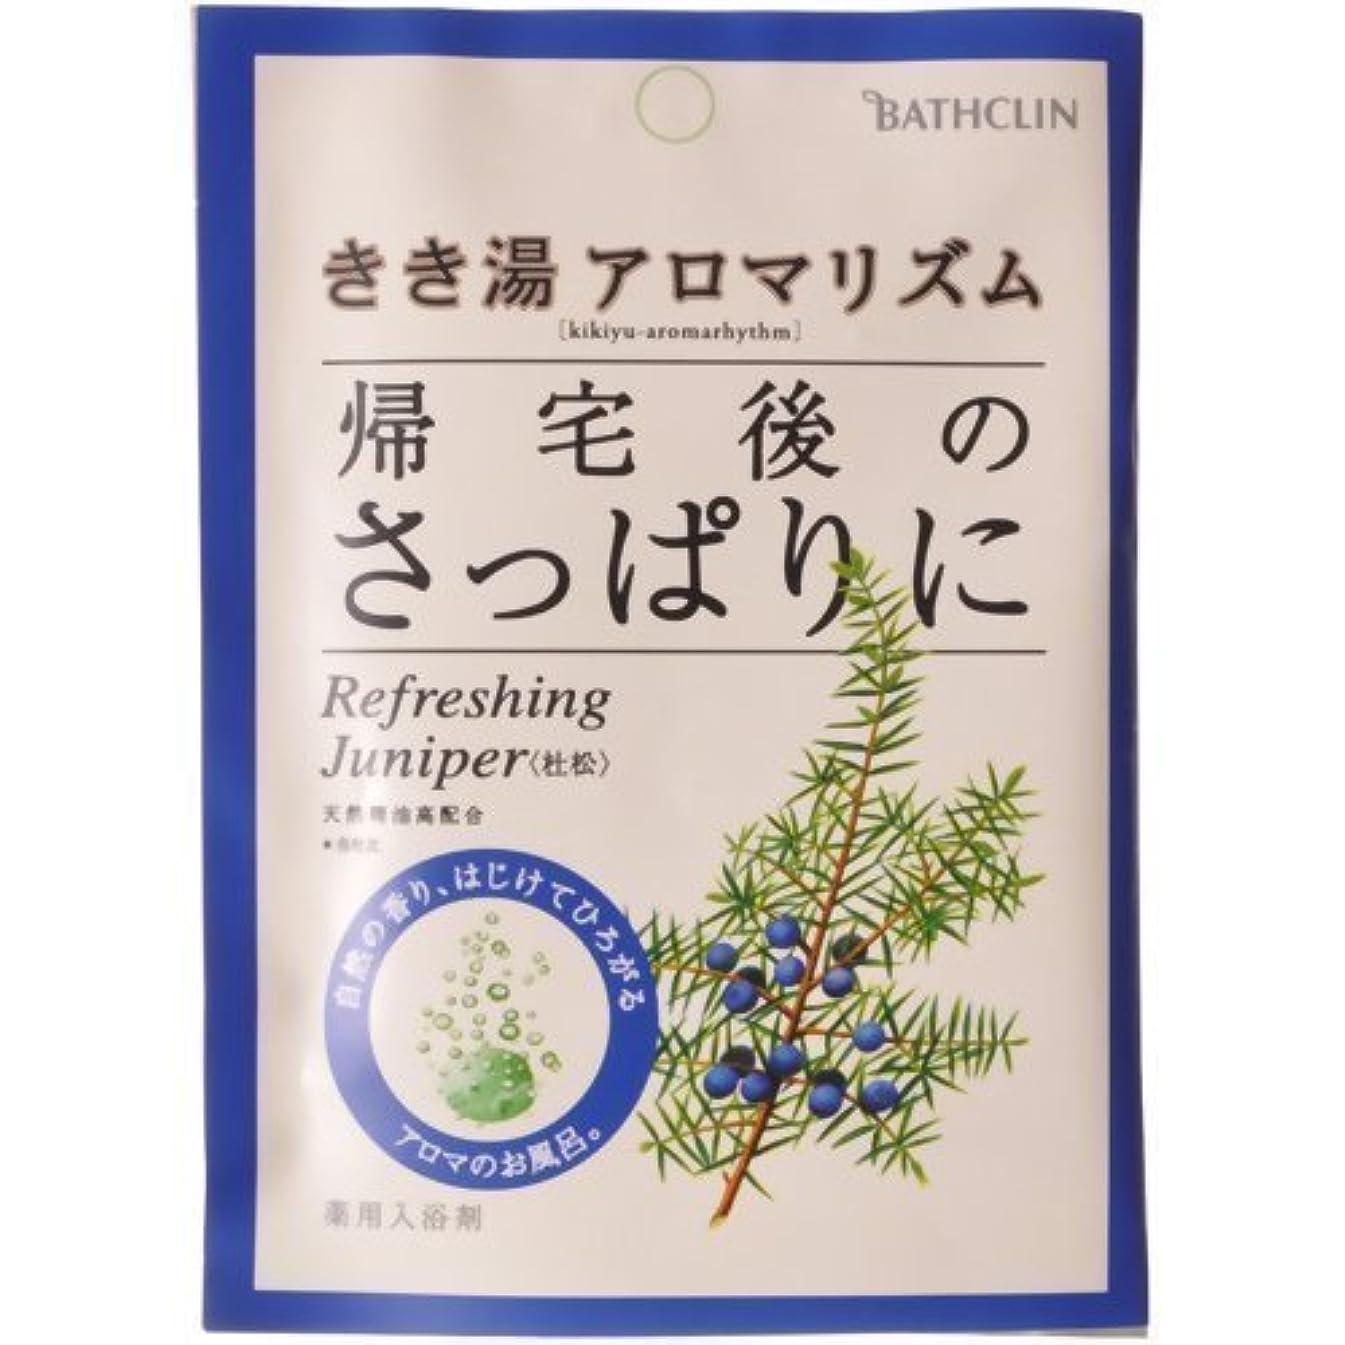 蛇行ホーン腐食するきき湯 アロマリズム リフレッシュジュニパーの香り 30g